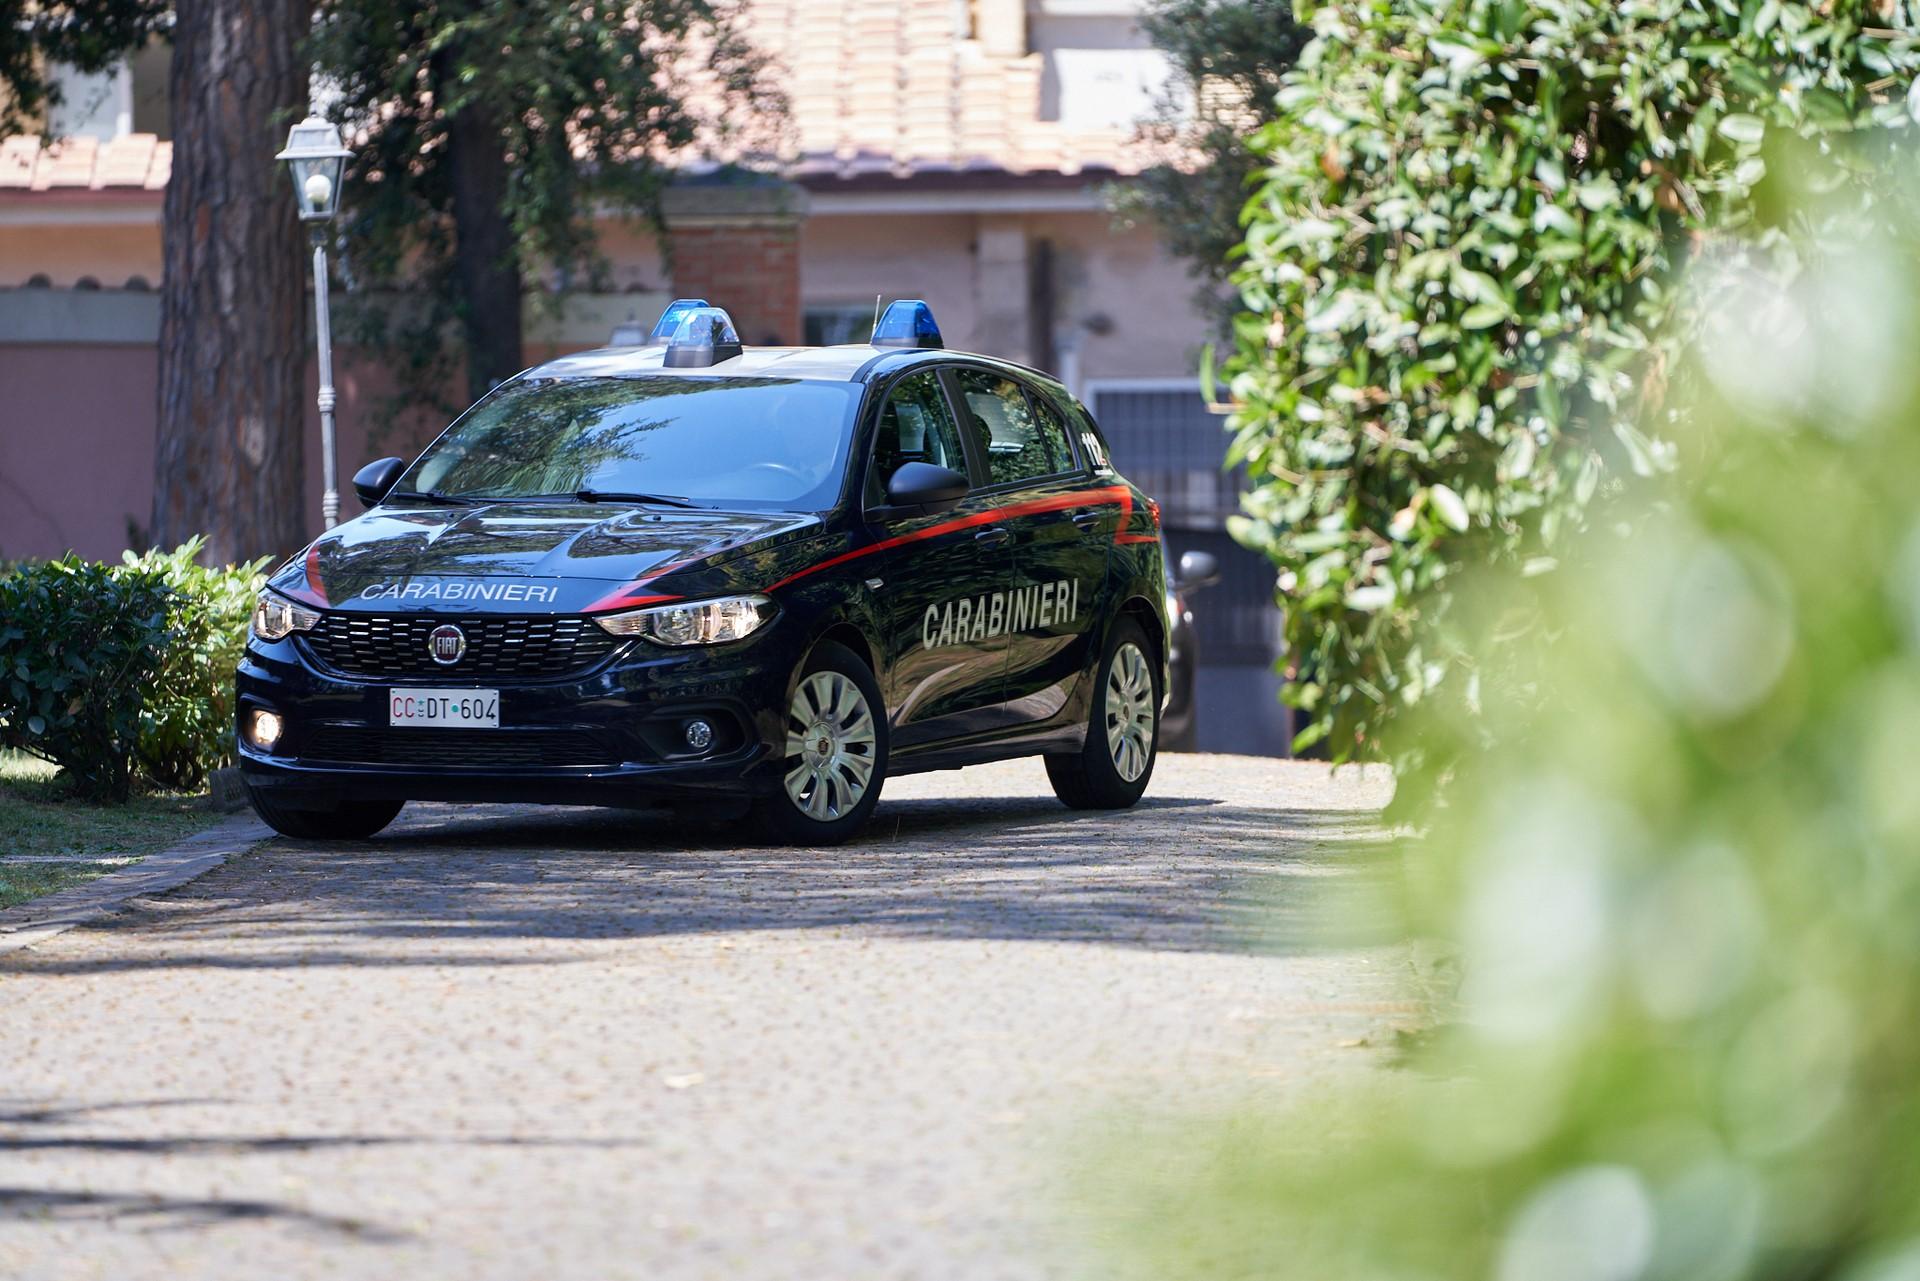 Jeep Wrangler Italian Police (19)